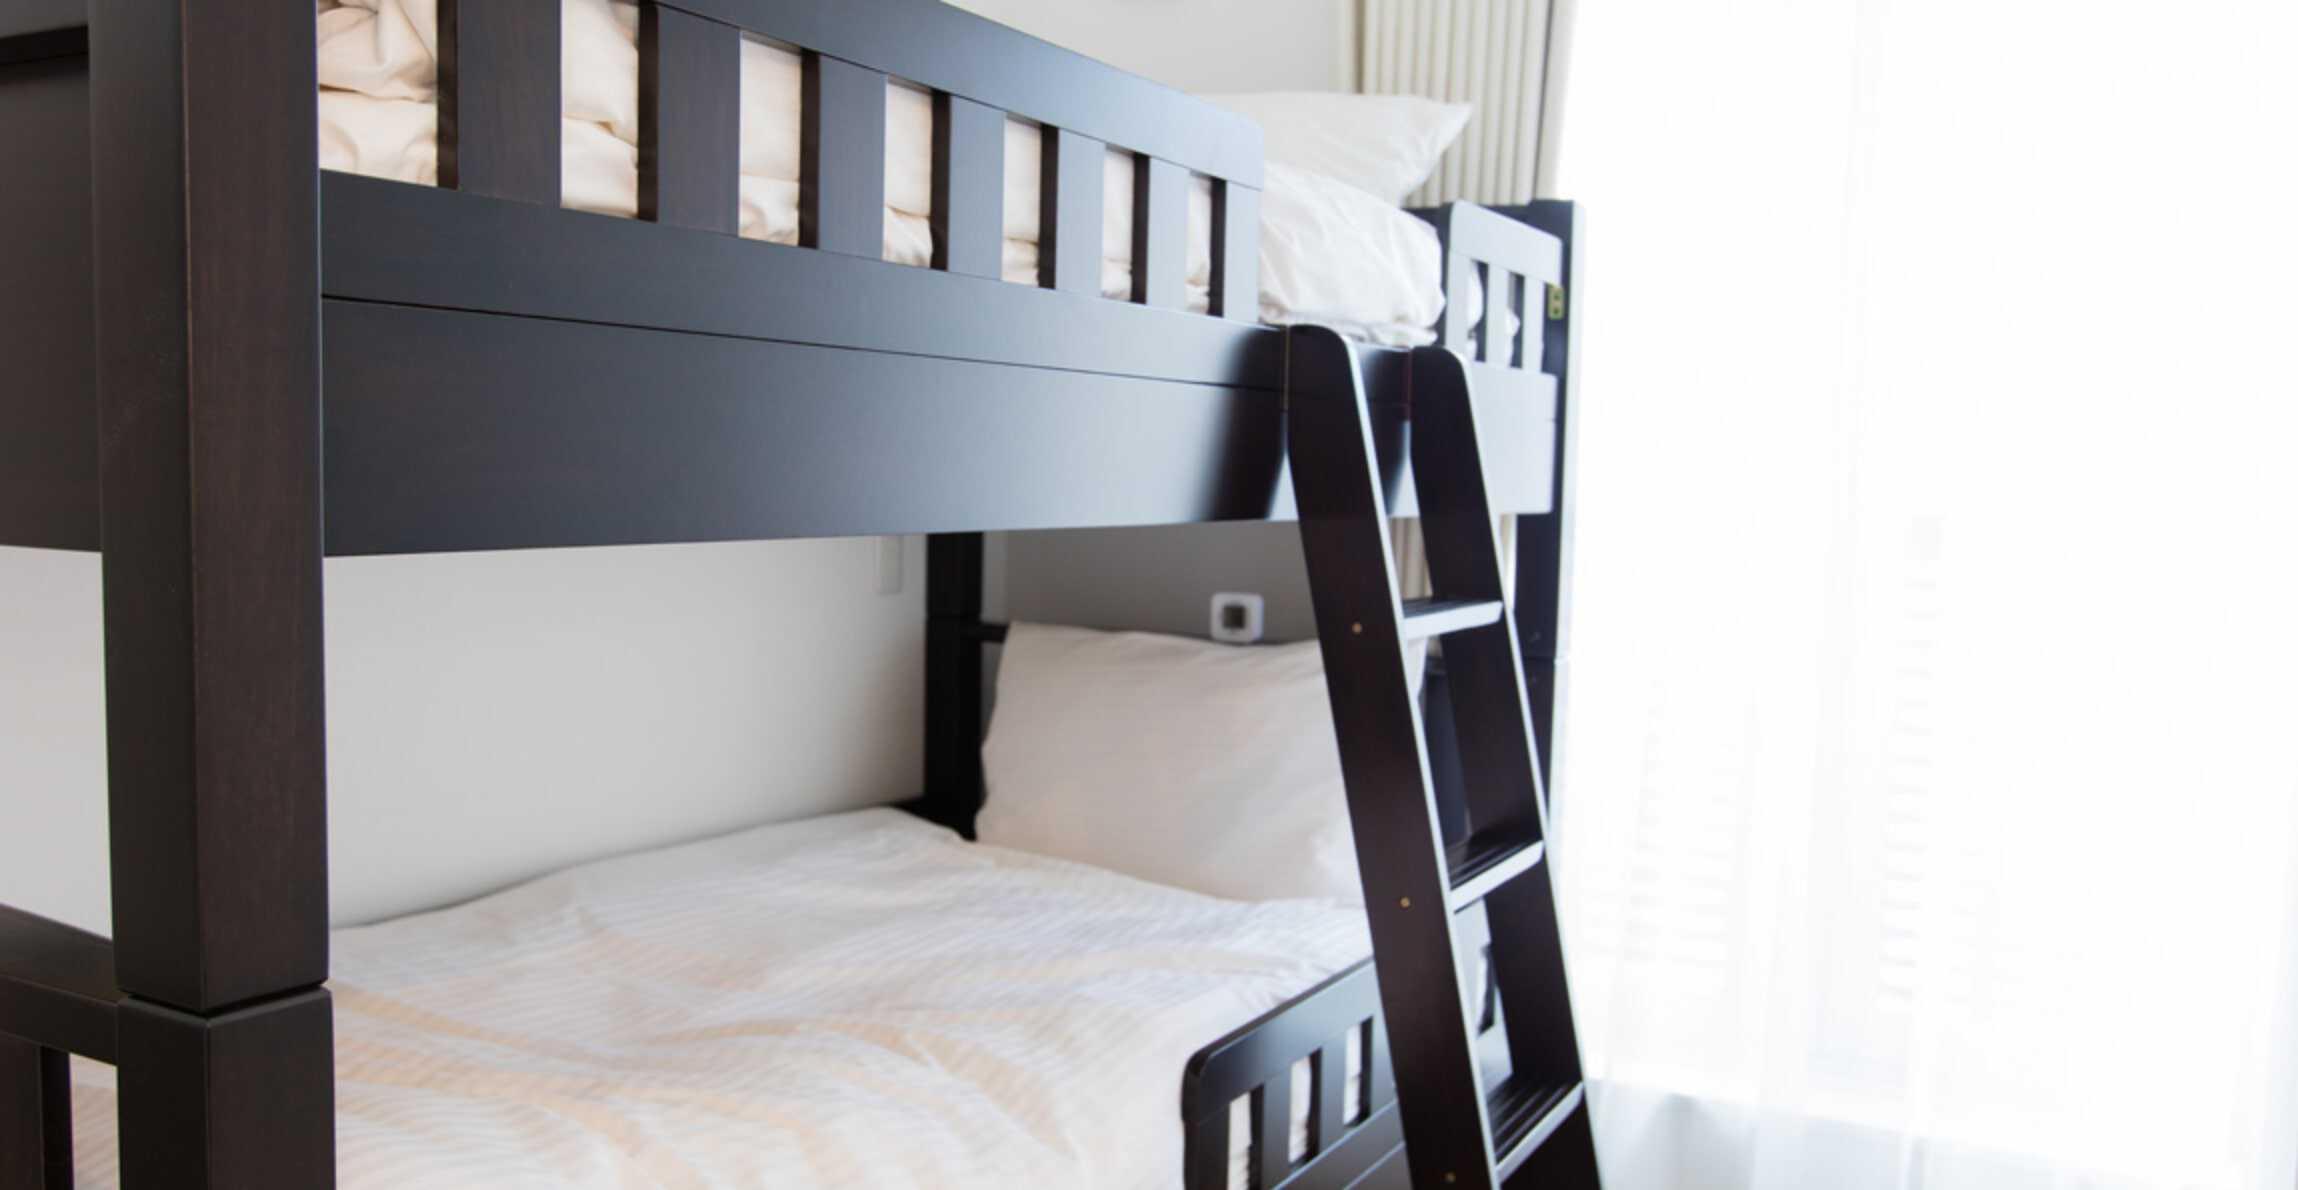 Gambar Tempat Tidur Dua Tingkat Bagus